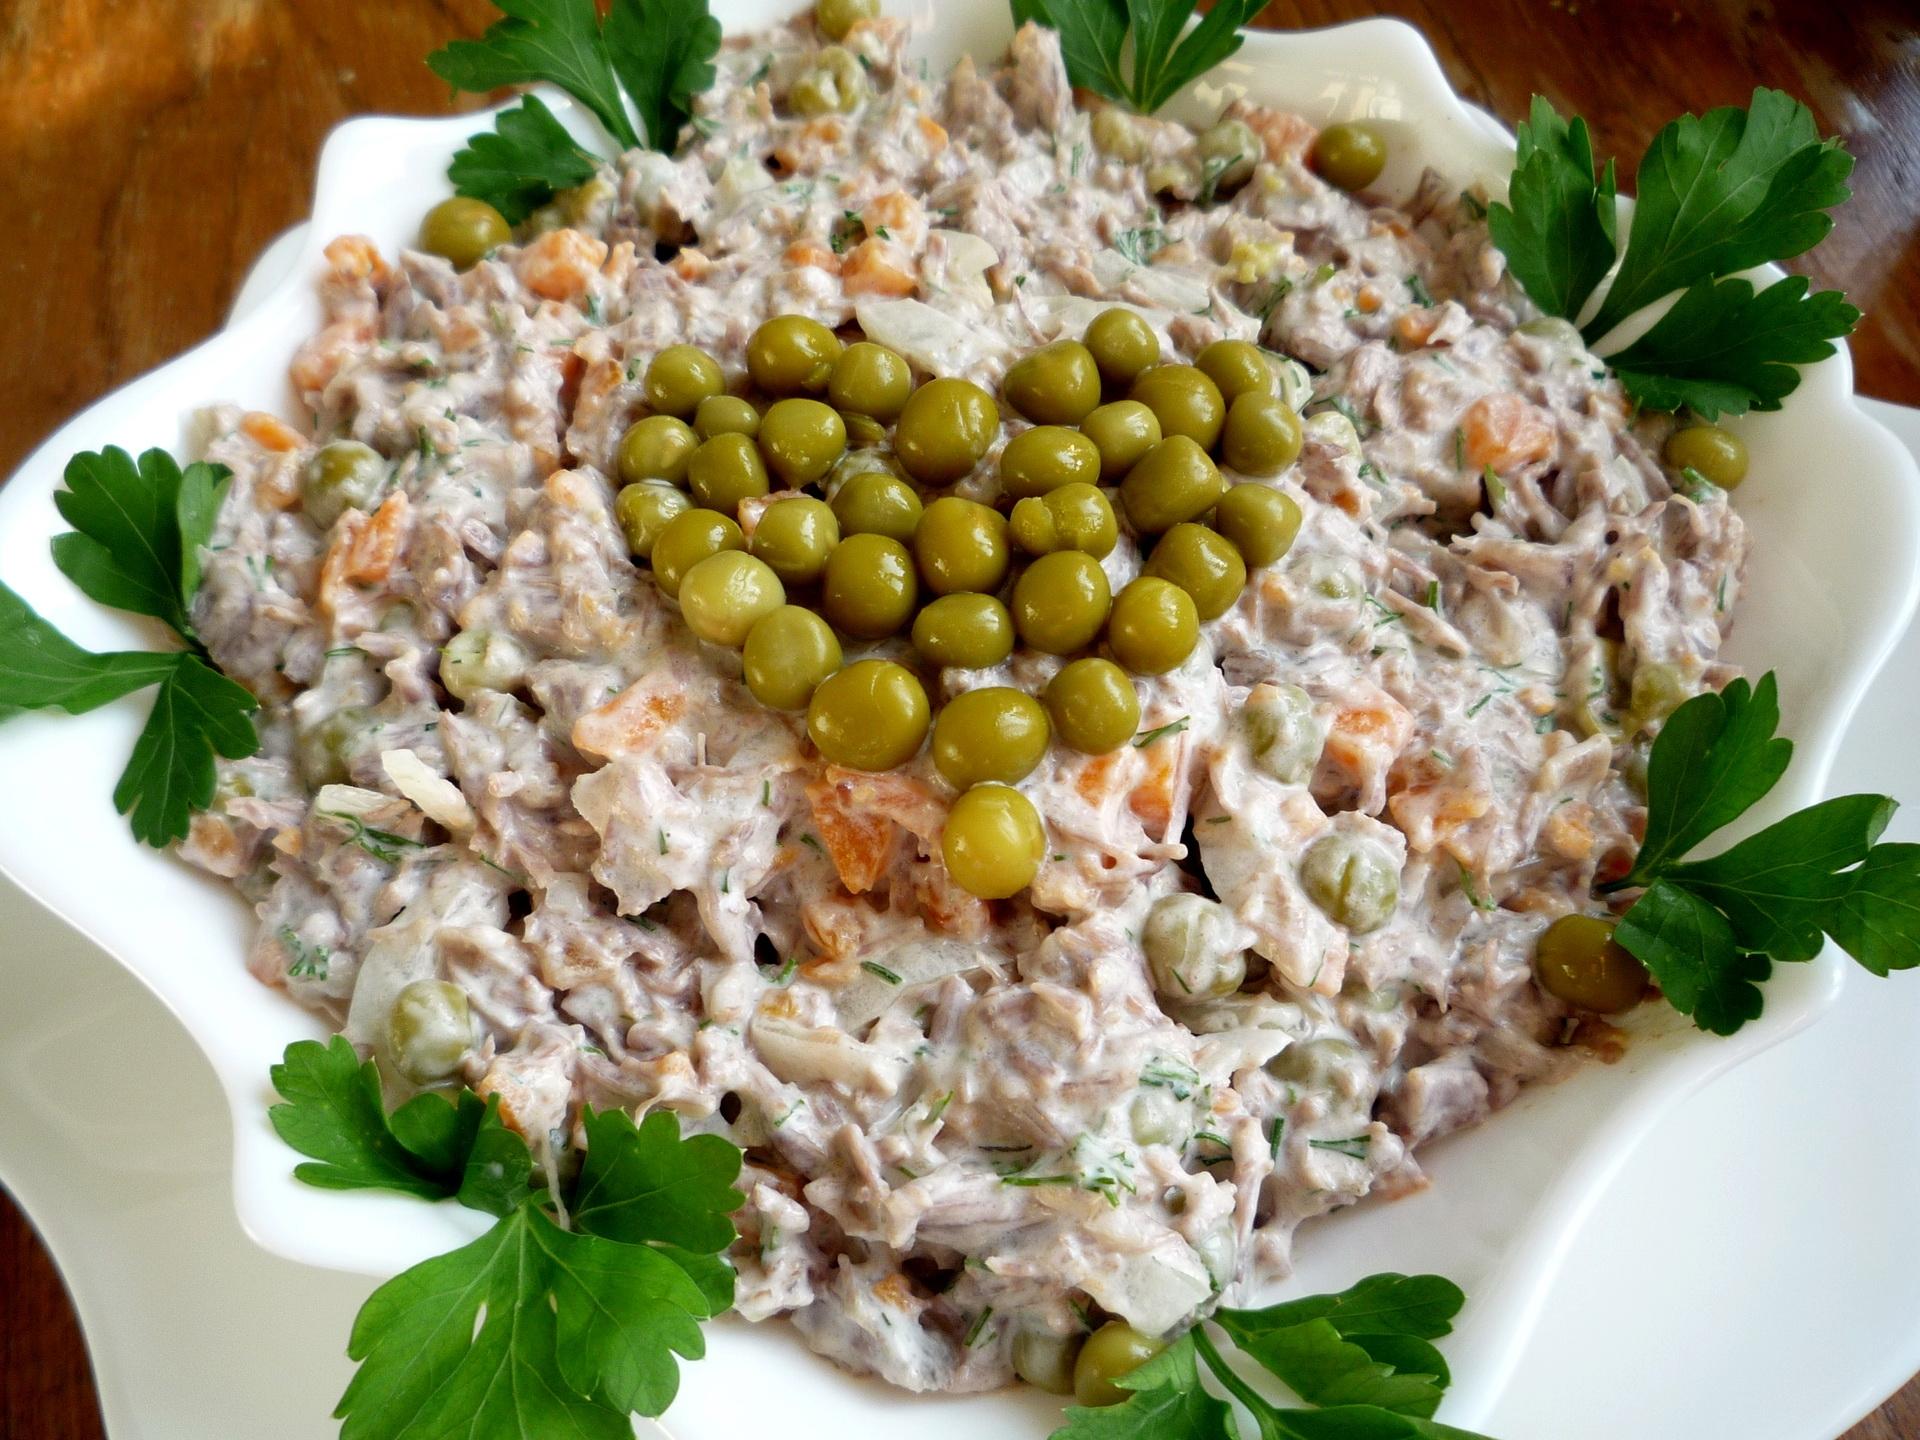 Hintergrundbilder Lebensmittel Herz Fleisch Gemüse Schmuck